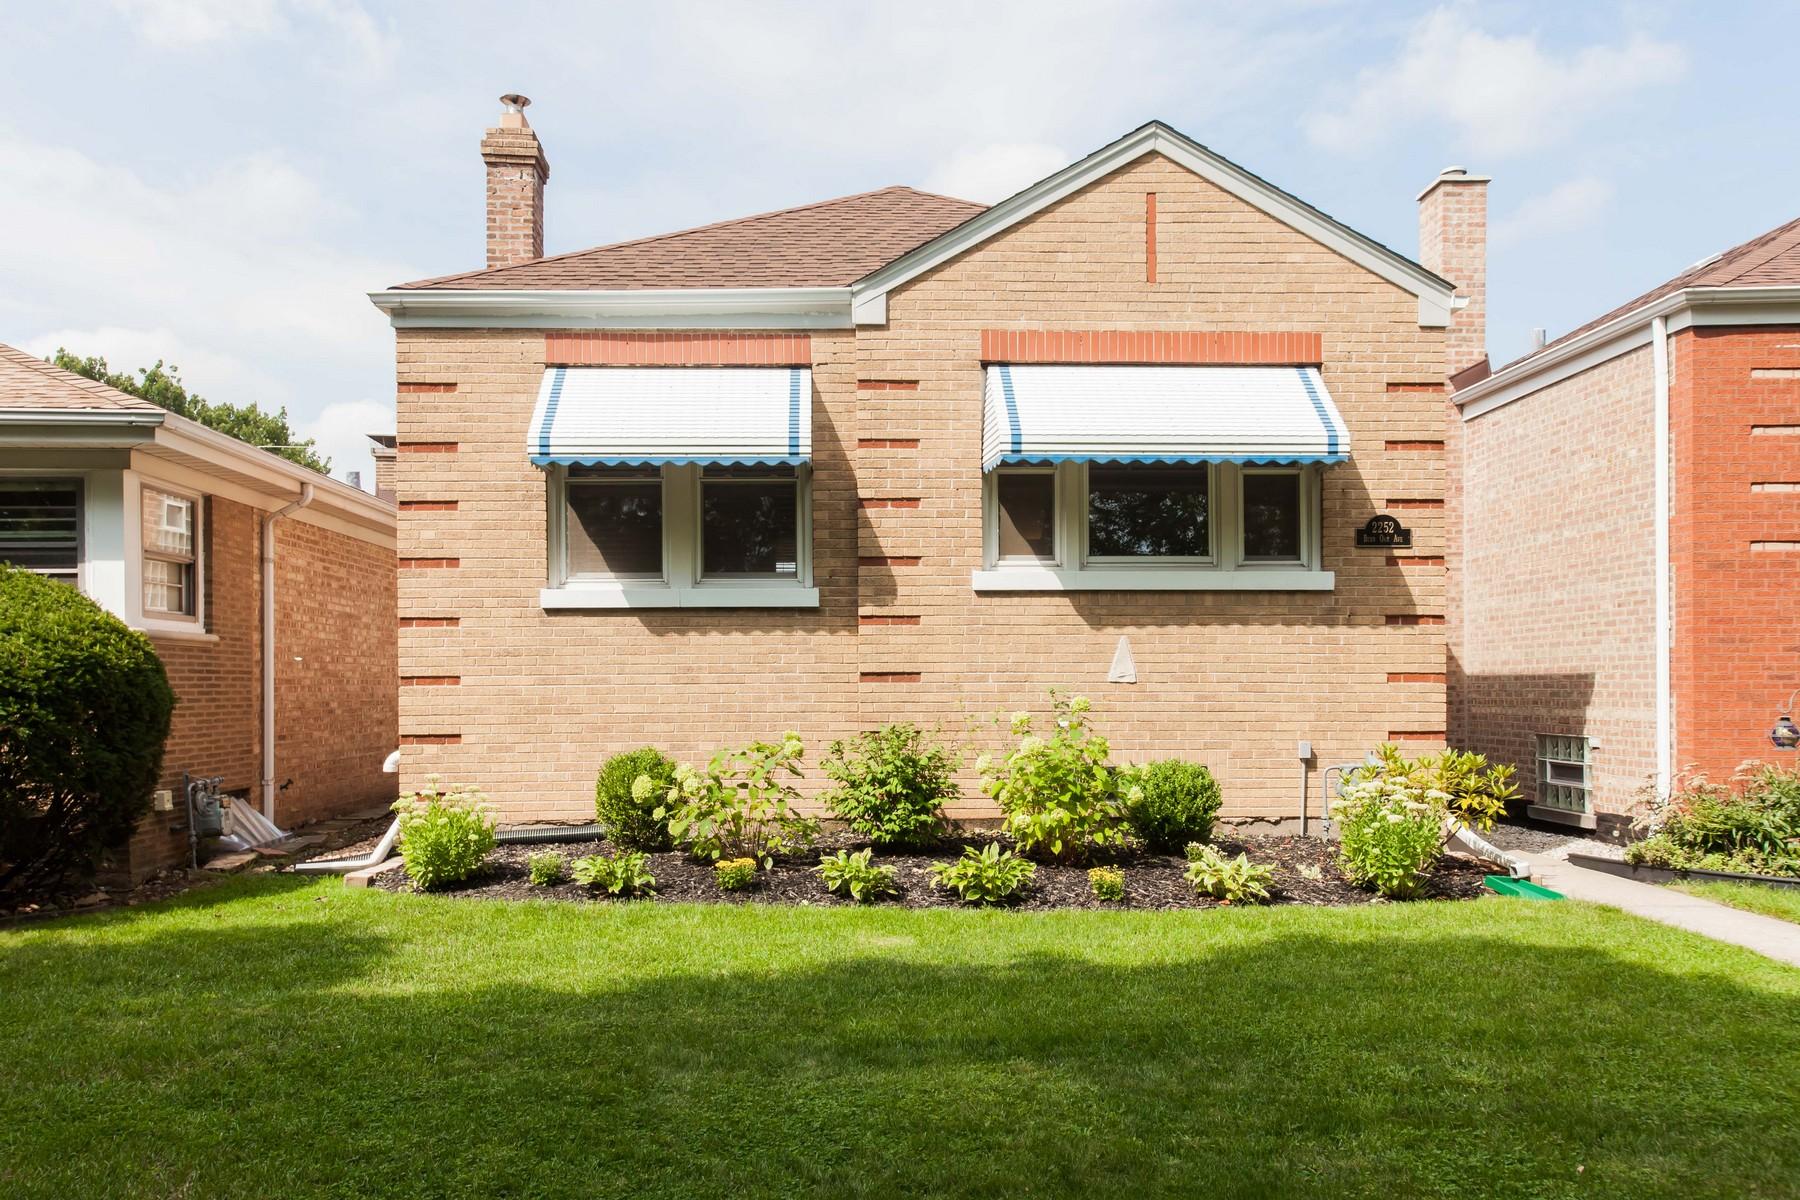 Частный односемейный дом для того Продажа на Fabulous Brick Home 2252 Burr Oak Avenue North Riverside, Иллинойс, 60546 Соединенные Штаты